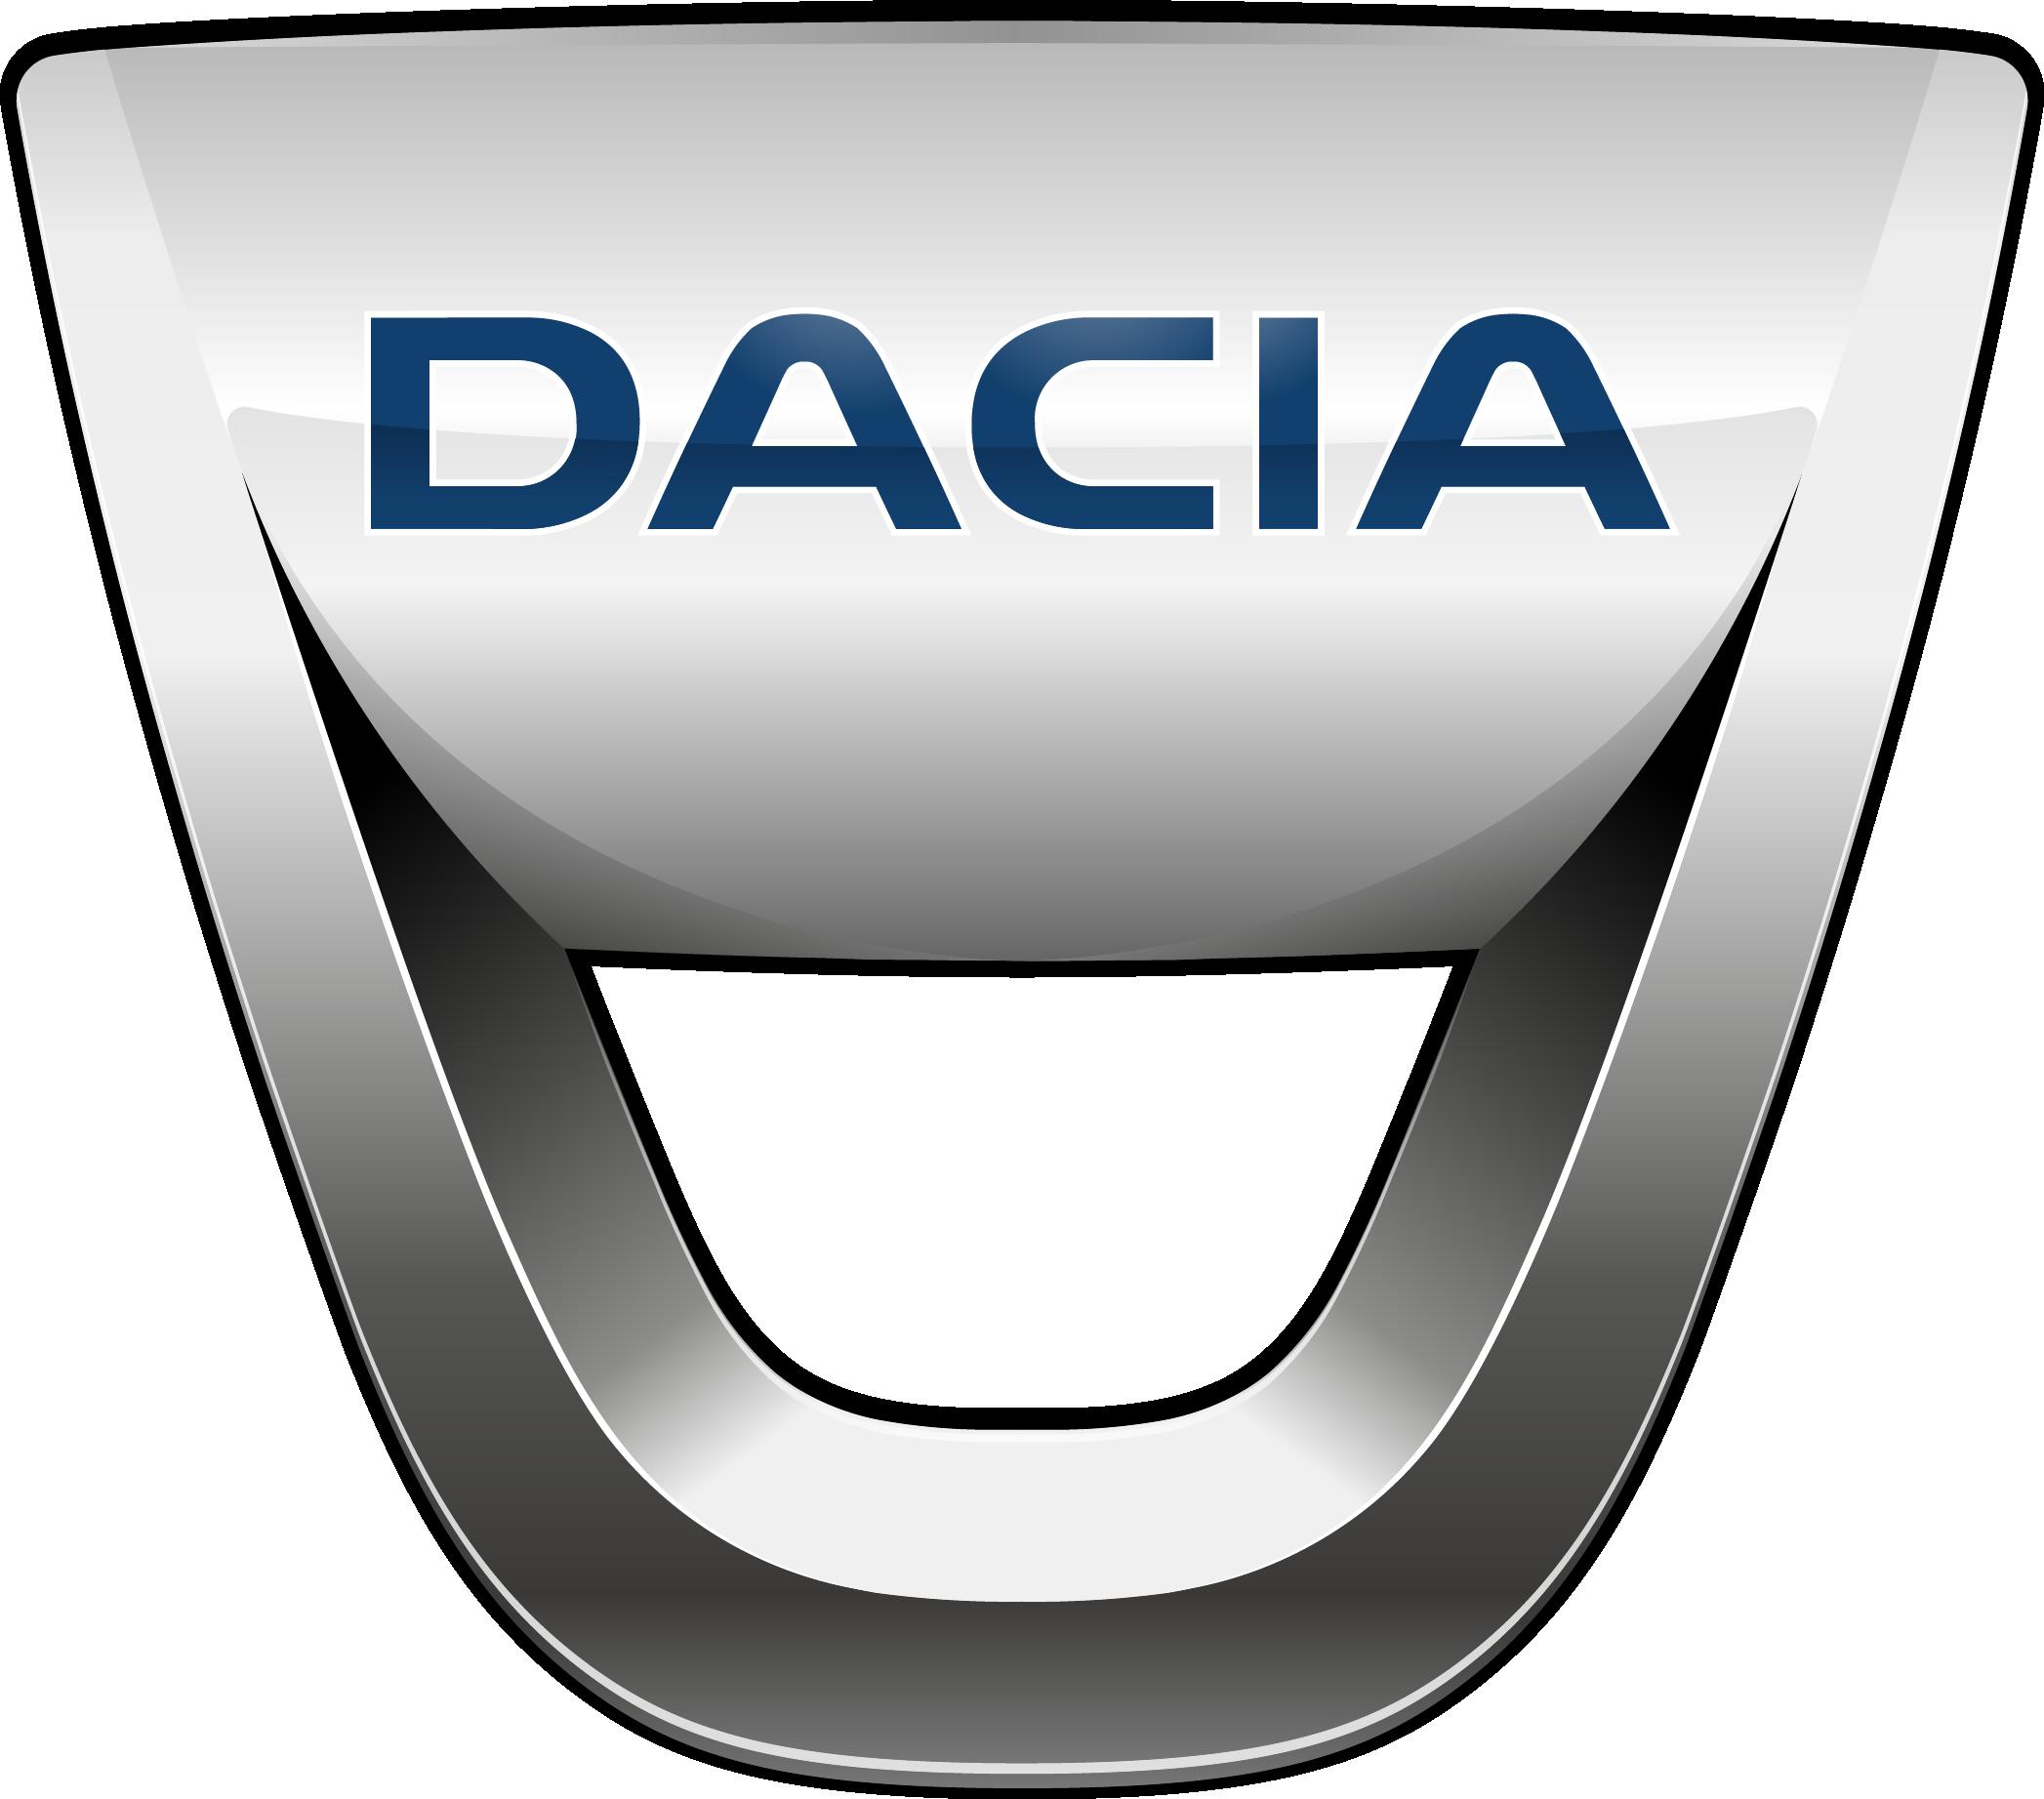 CONCESSIONARIO DACIA USATE Idea Auto Srl a Bomporto in provincia di Modena: acquisto auto e veicoli commerciali in contanti, soccorso stradale H24, carroattrezzi sempre operativo, vendita auto nuove e usate, veicoli commerciali nuovi e usati